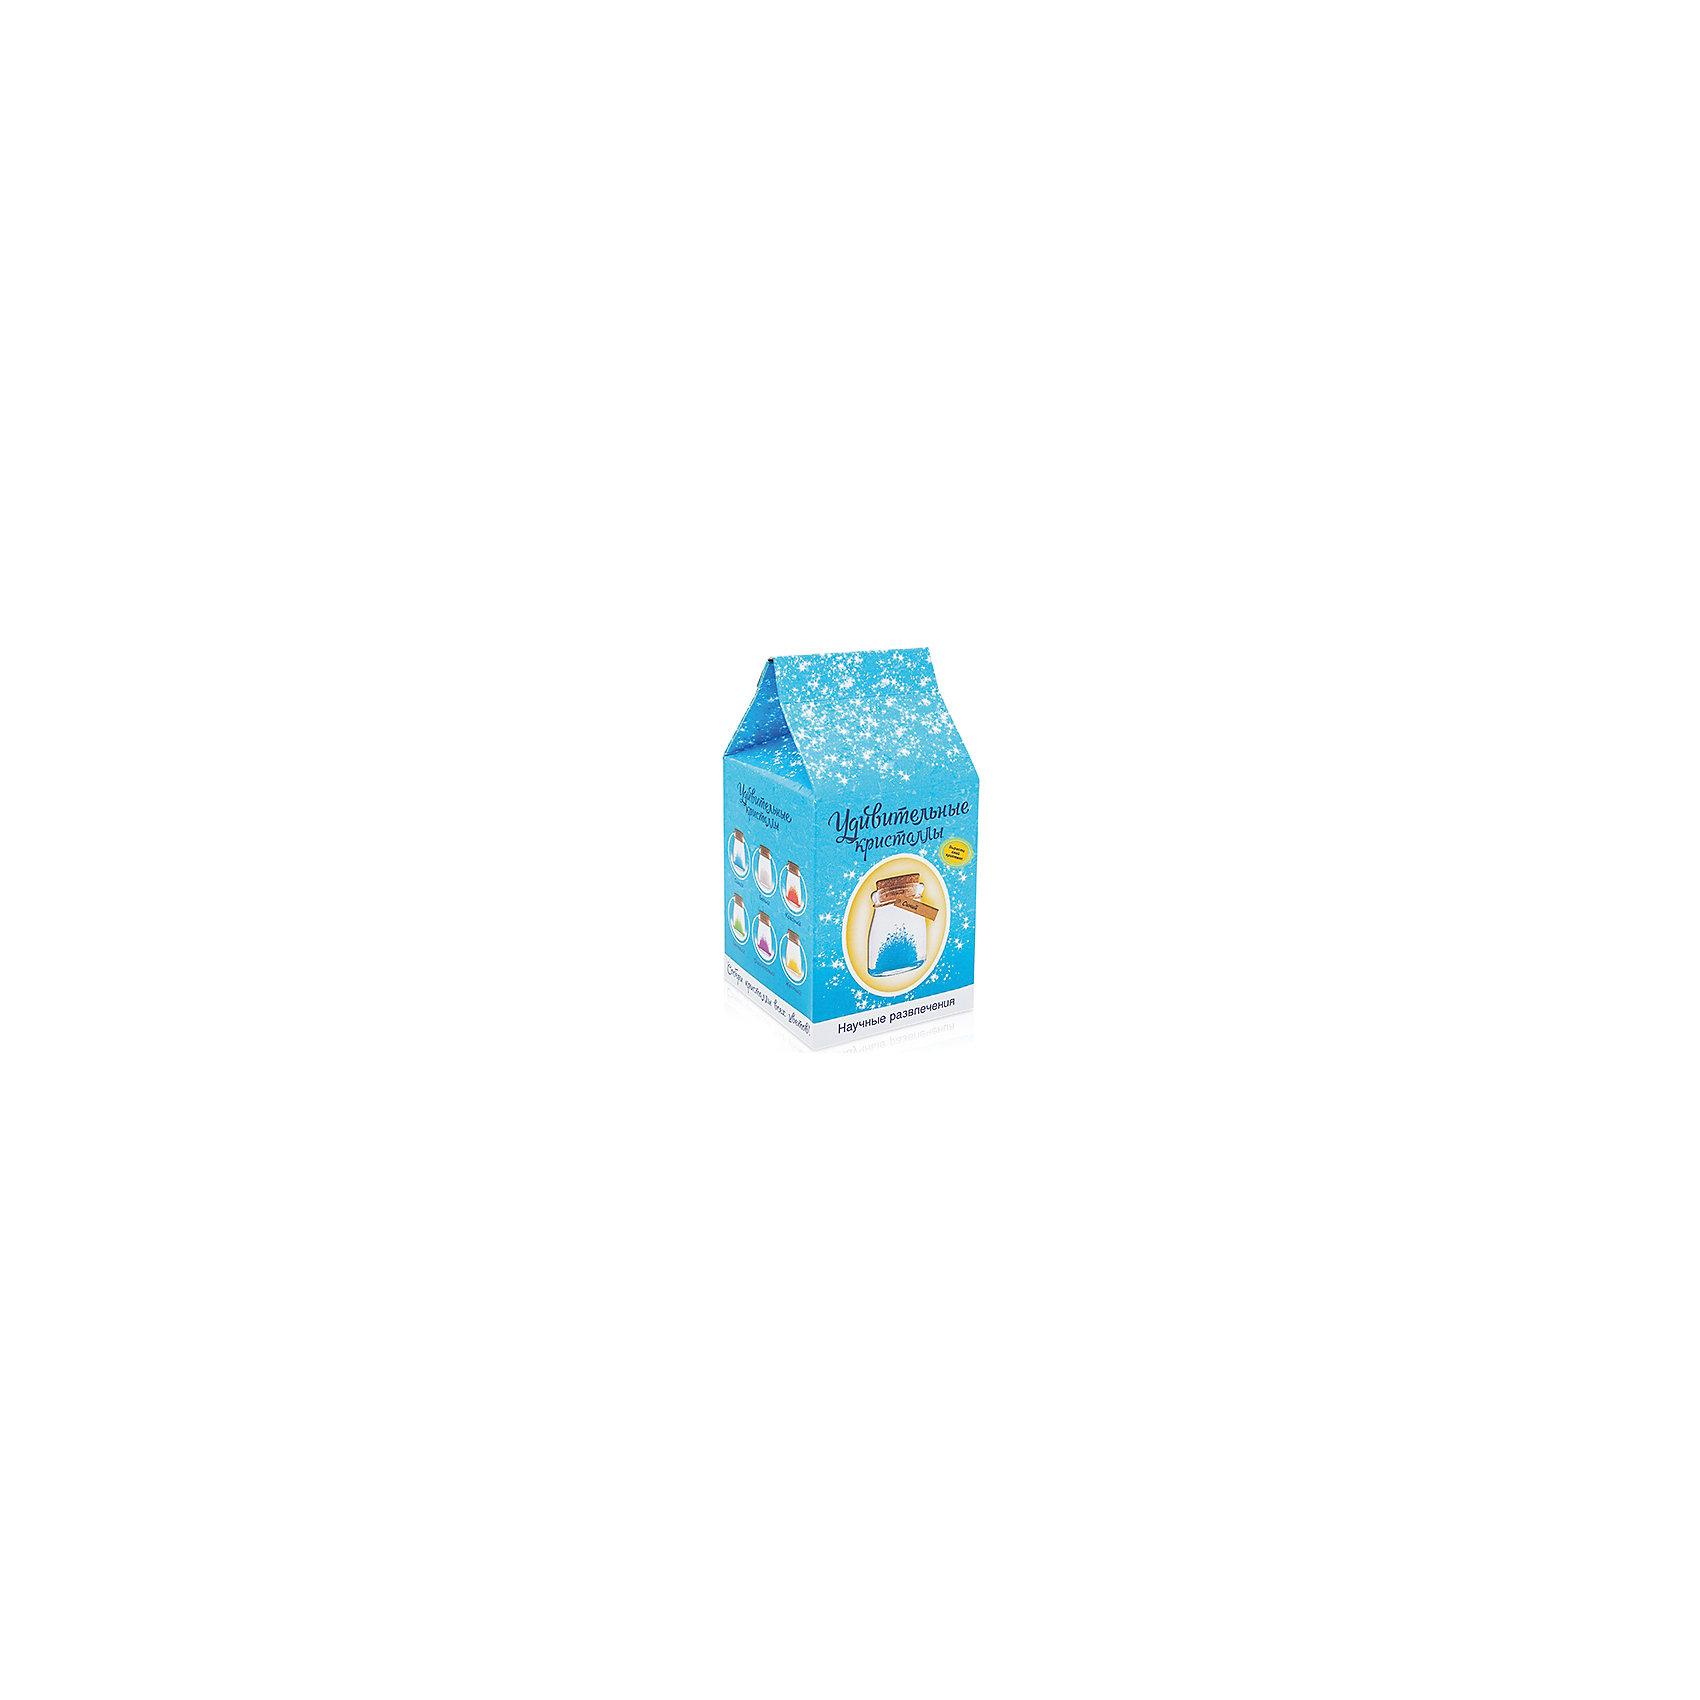 Набор для выращивания кристаллов Удивительный кристалл - Синий БумбарамКристаллы<br>Удивительный кристалл - Синий, Бумбарам<br><br>Характеристики:<br><br>• прост в использовании<br>• пошаговая инструкция<br>• безопасные материалы<br>• привлекательная упаковка <br>• можно следить за процессом<br>• в наборе: баночка, кристаллический порошок, кристаллическая таблетка, палочка, веревочка, пробка, карточка, инструкция<br>• размер упаковки: 15х8 см<br>• вес: 250 грамм<br>• цвет: синий<br><br>Удивительный кристалл - набор для творчества. Он хорошо развивает усидчивость и внимательность. С его помощью ребенок сможет сделать прекрасный подарок своими руками. Инструкция очень проста: нужно налить воды в баночку, добавить в нее порошок и тщательно перемешать. Затем положить волшебную таблетку и закрыть баночку крышкой. Через несколько часов можно снять крышку. Через 14-20 дней волшебный кристалл готов! Готовая композиция особенно красиво смотрится под лампой. Удивительный кристалл - прекрасный выбор для начинающего алхимика!<br><br>Удивительный кристалл - Синий, Бумбарам вы можете приобрести в нашем интернет-магазине.<br><br>Ширина мм: 75<br>Глубина мм: 75<br>Высота мм: 150<br>Вес г: 250<br>Возраст от месяцев: 168<br>Возраст до месяцев: 240<br>Пол: Унисекс<br>Возраст: Детский<br>SKU: 5053950